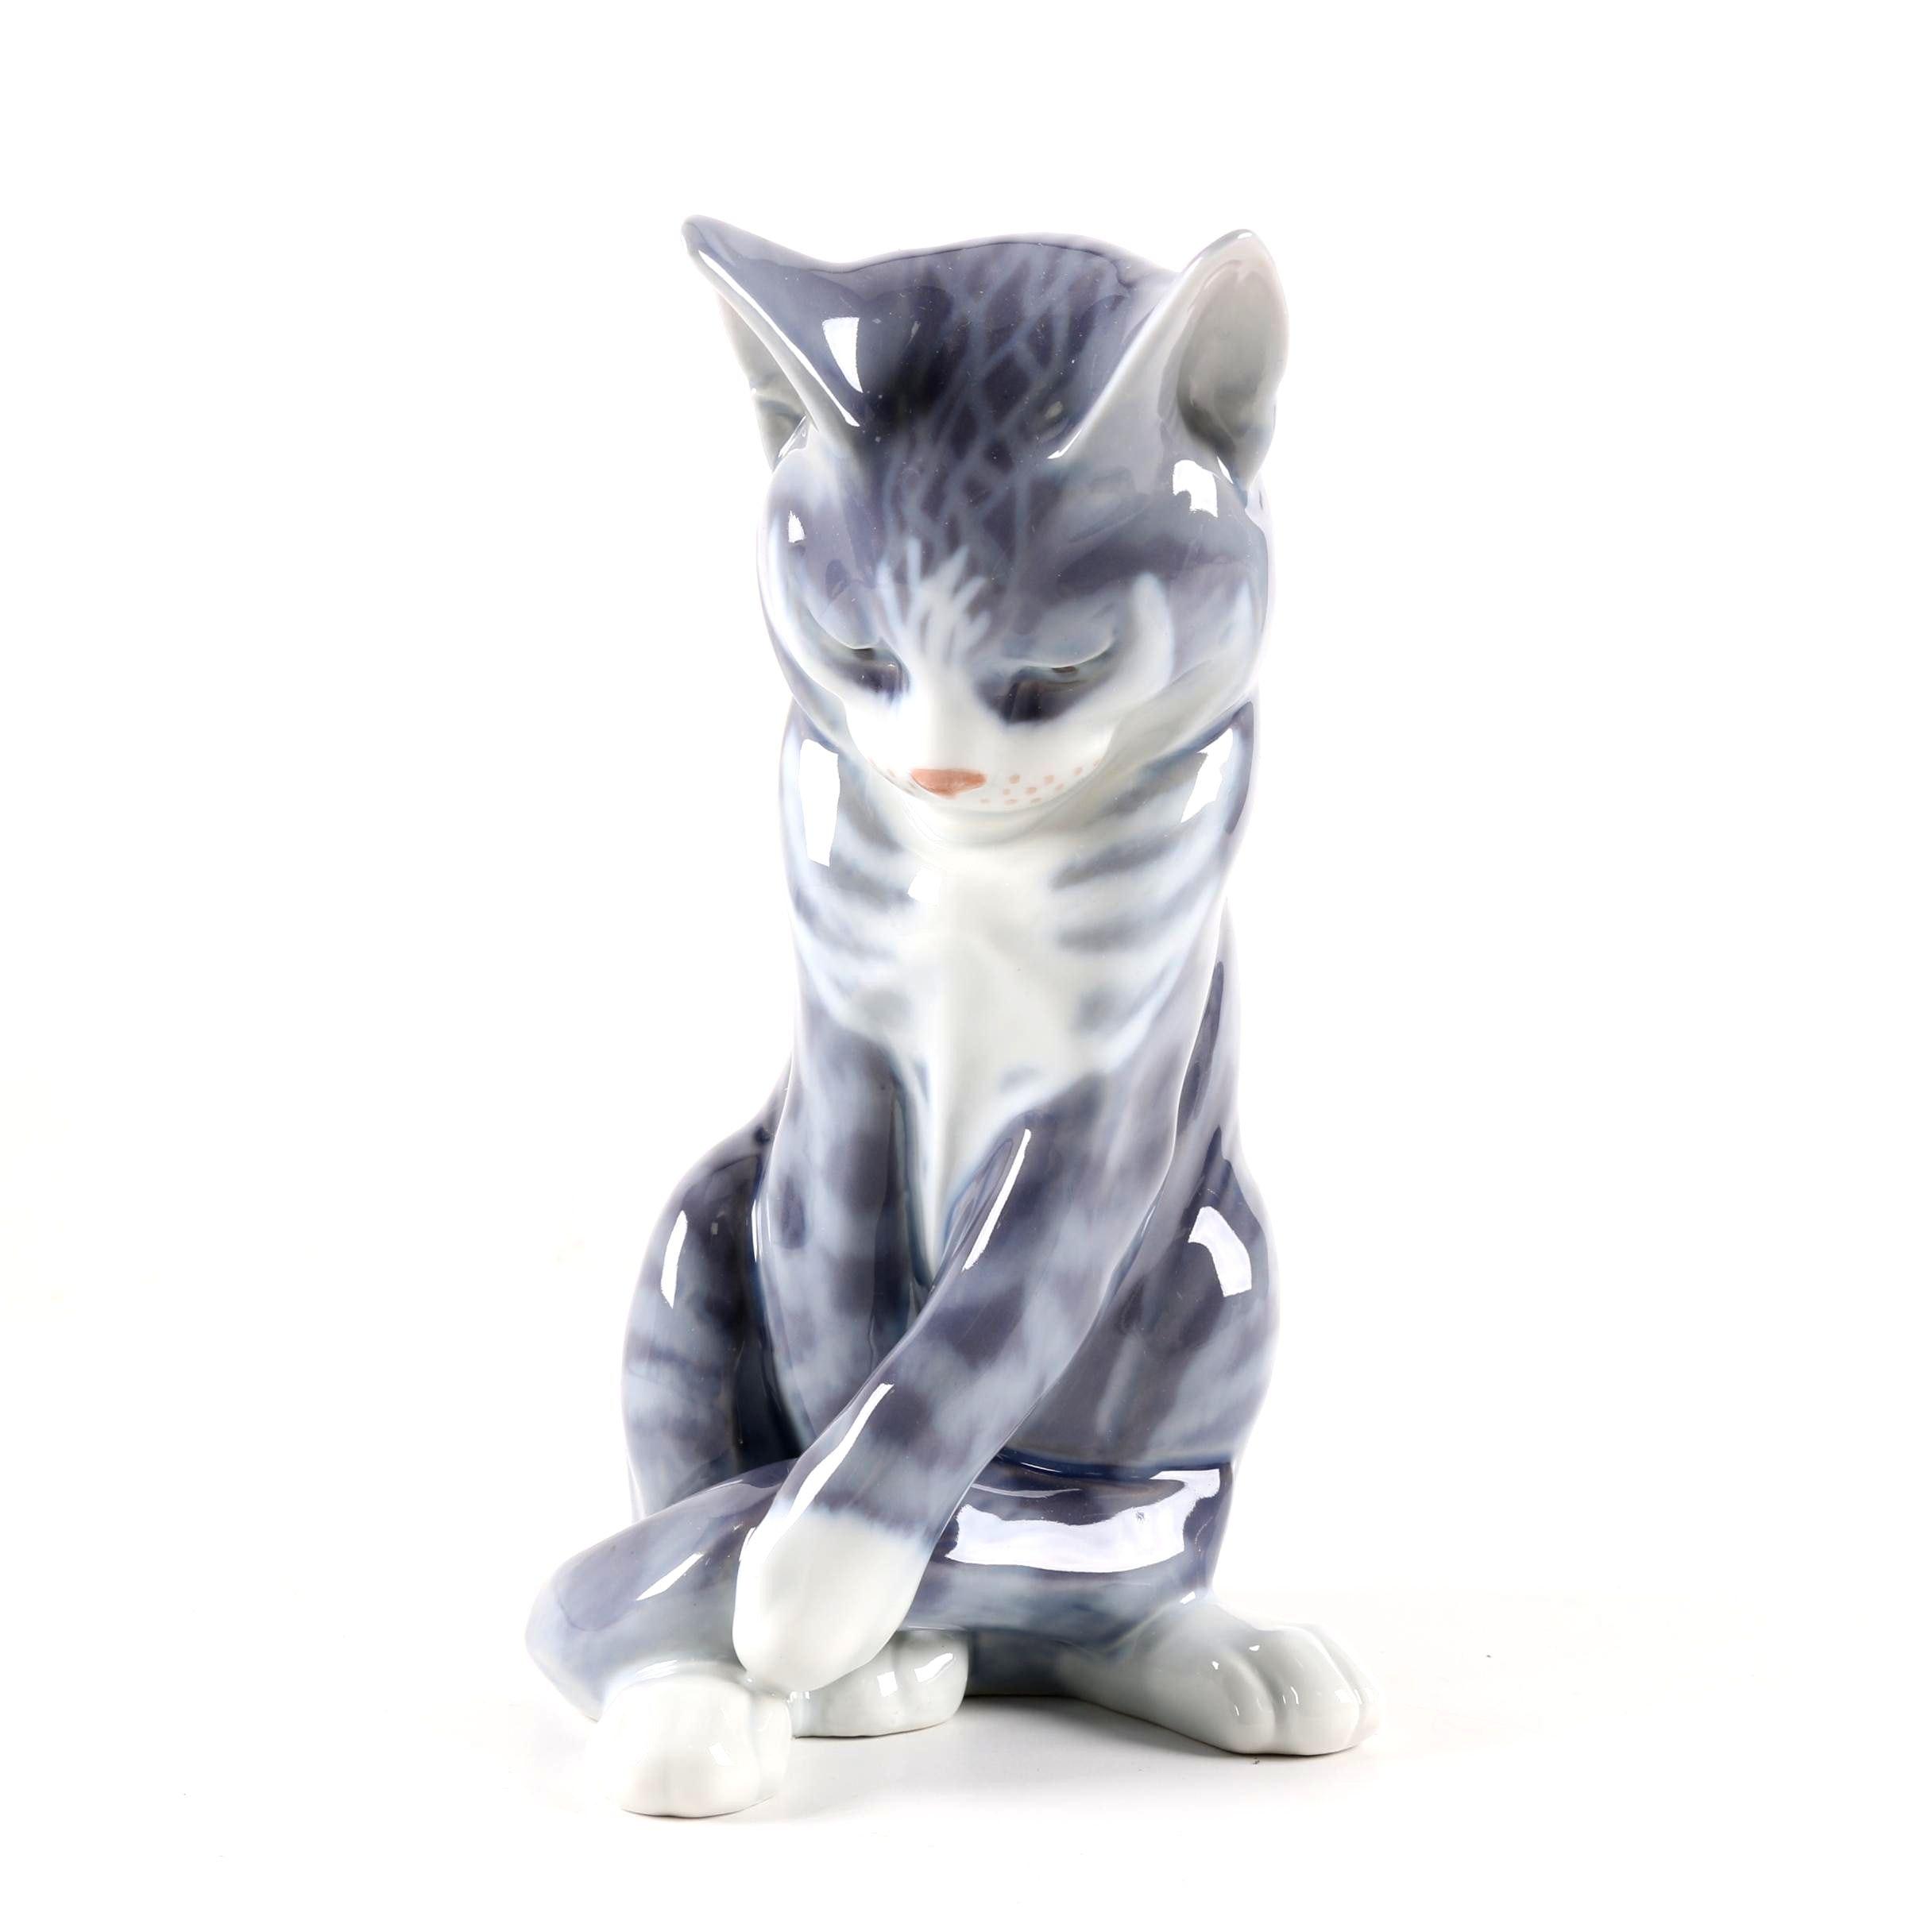 Royal Copenhagen Cat Sitting Figurine by Niels Nielsen 055